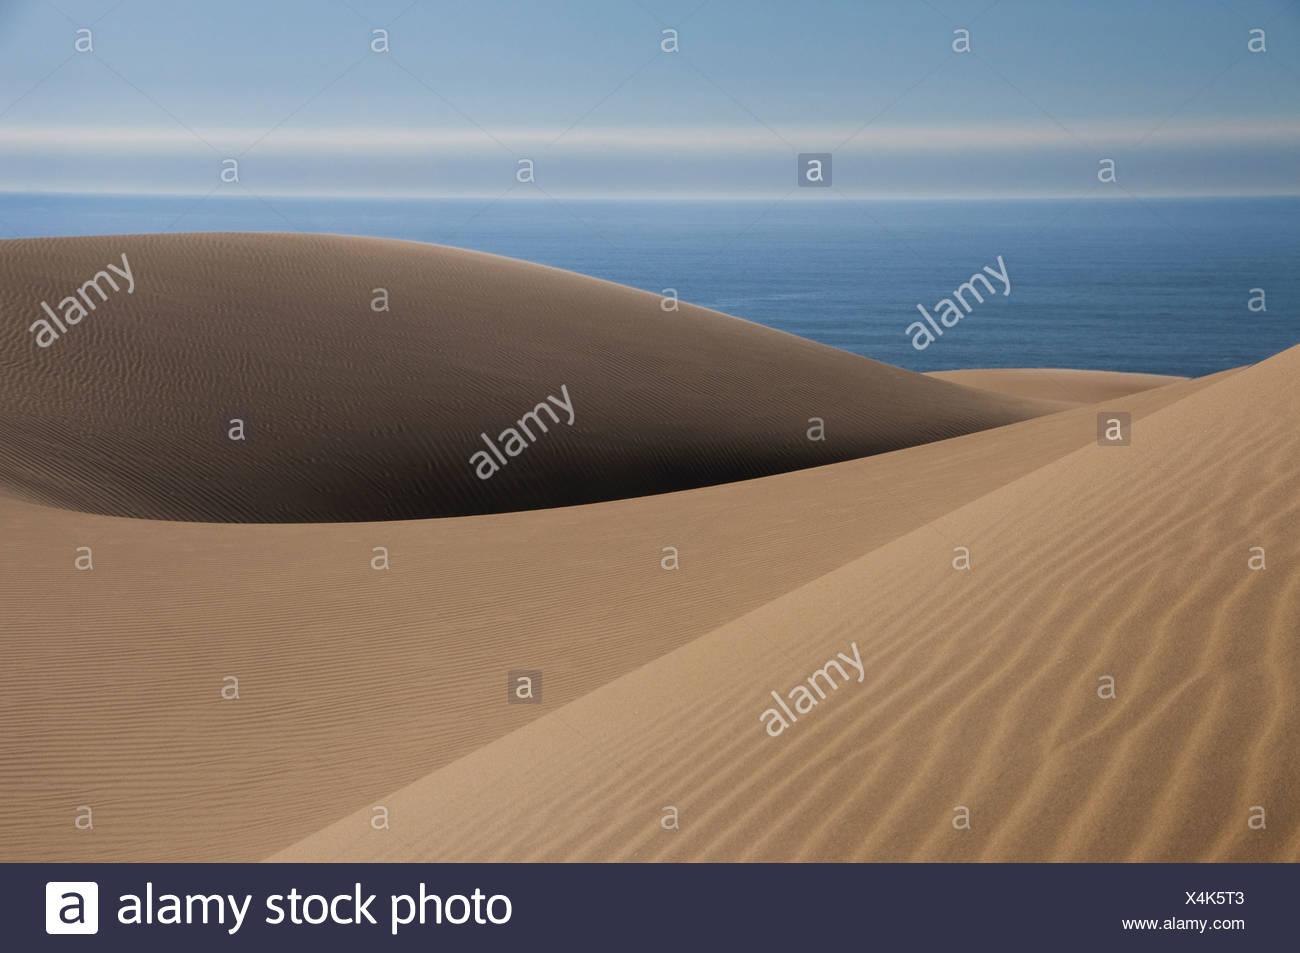 Sand dunes near the Atlantic coastline of the Namib-Naukluft National Park Namibia Namib-Naukluft National Park Namibia Stock Photo